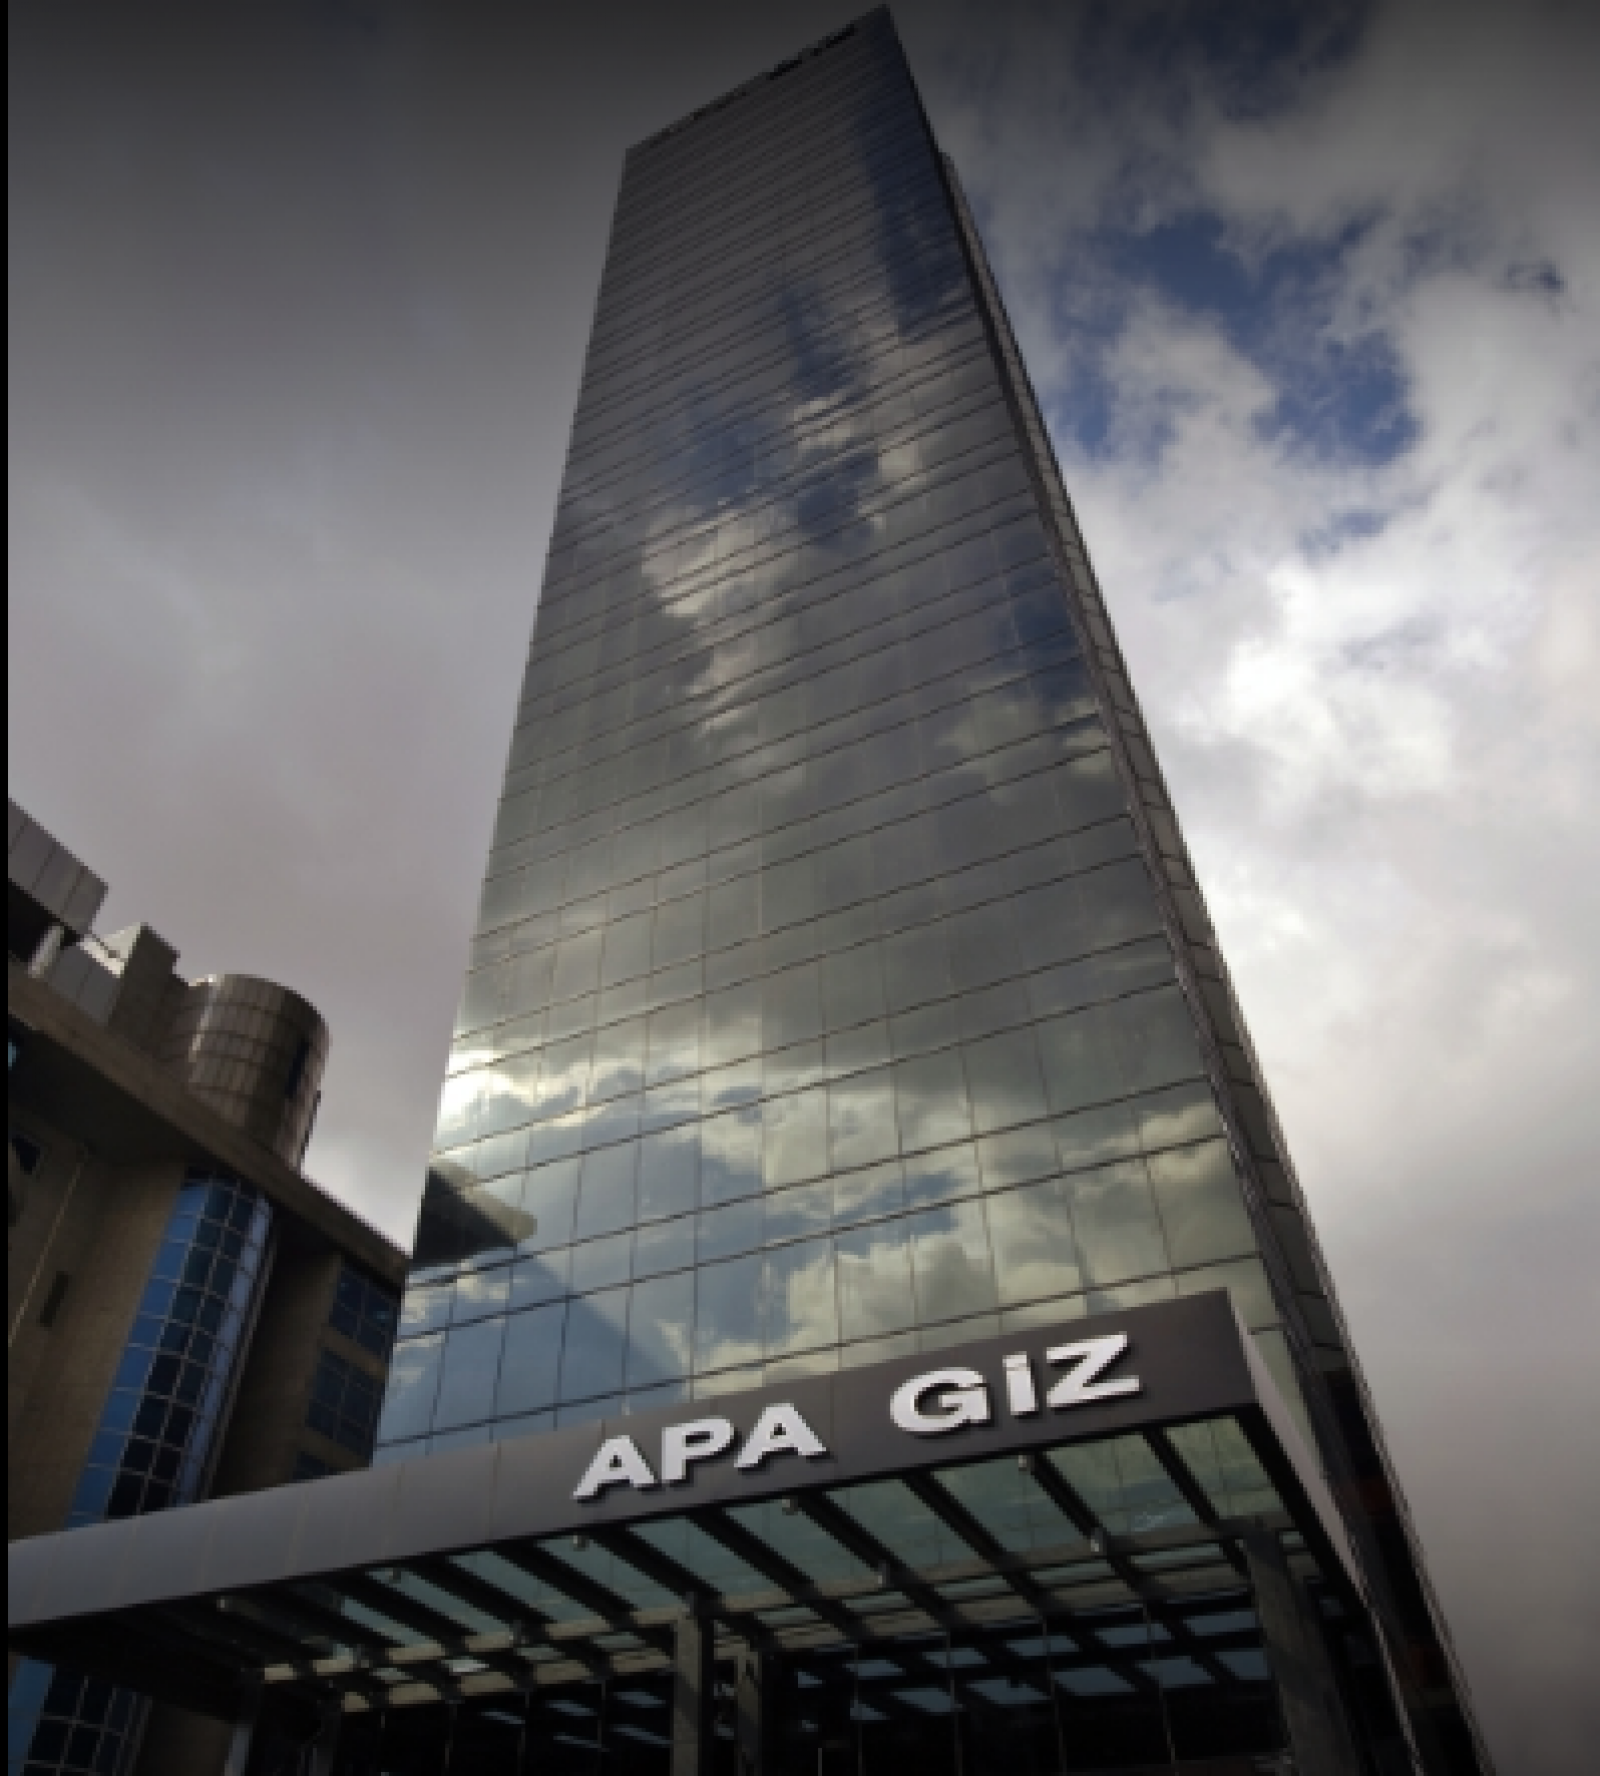 Vega/Apa Giz Plazaları